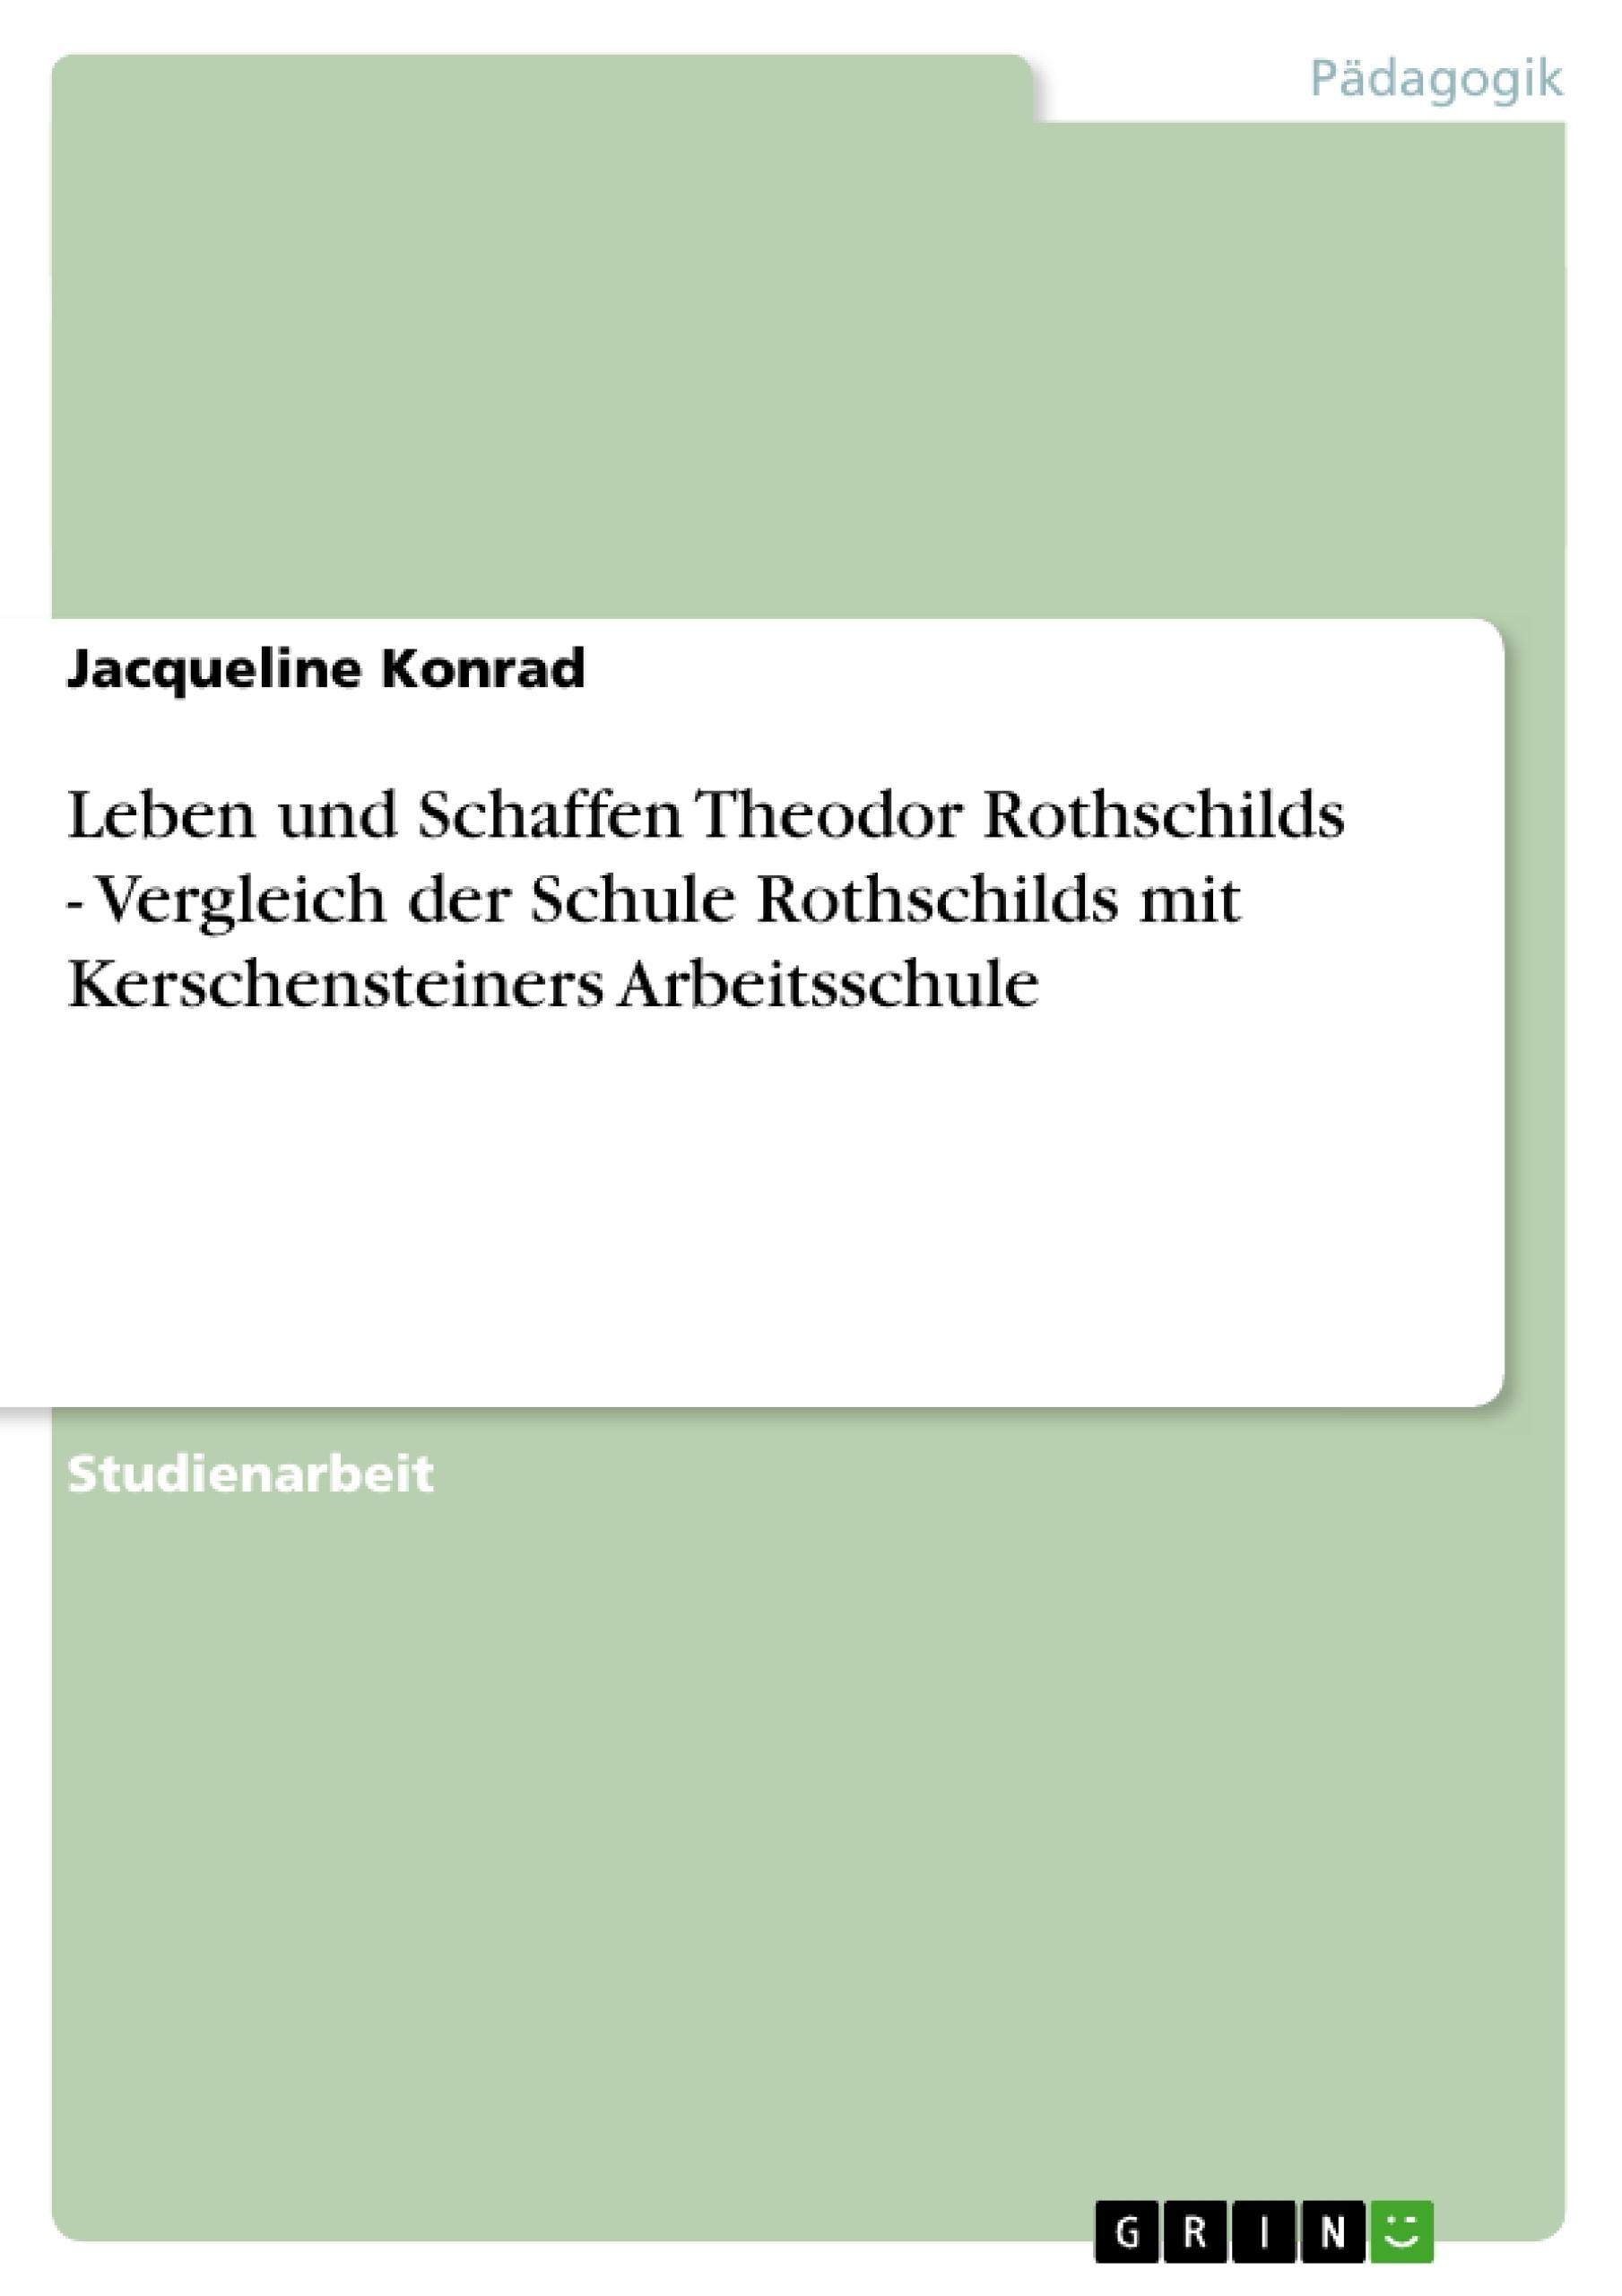 Titel: Leben und Schaffen Theodor Rothschilds - Vergleich der Schule Rothschilds mit Kerschensteiners Arbeitsschule